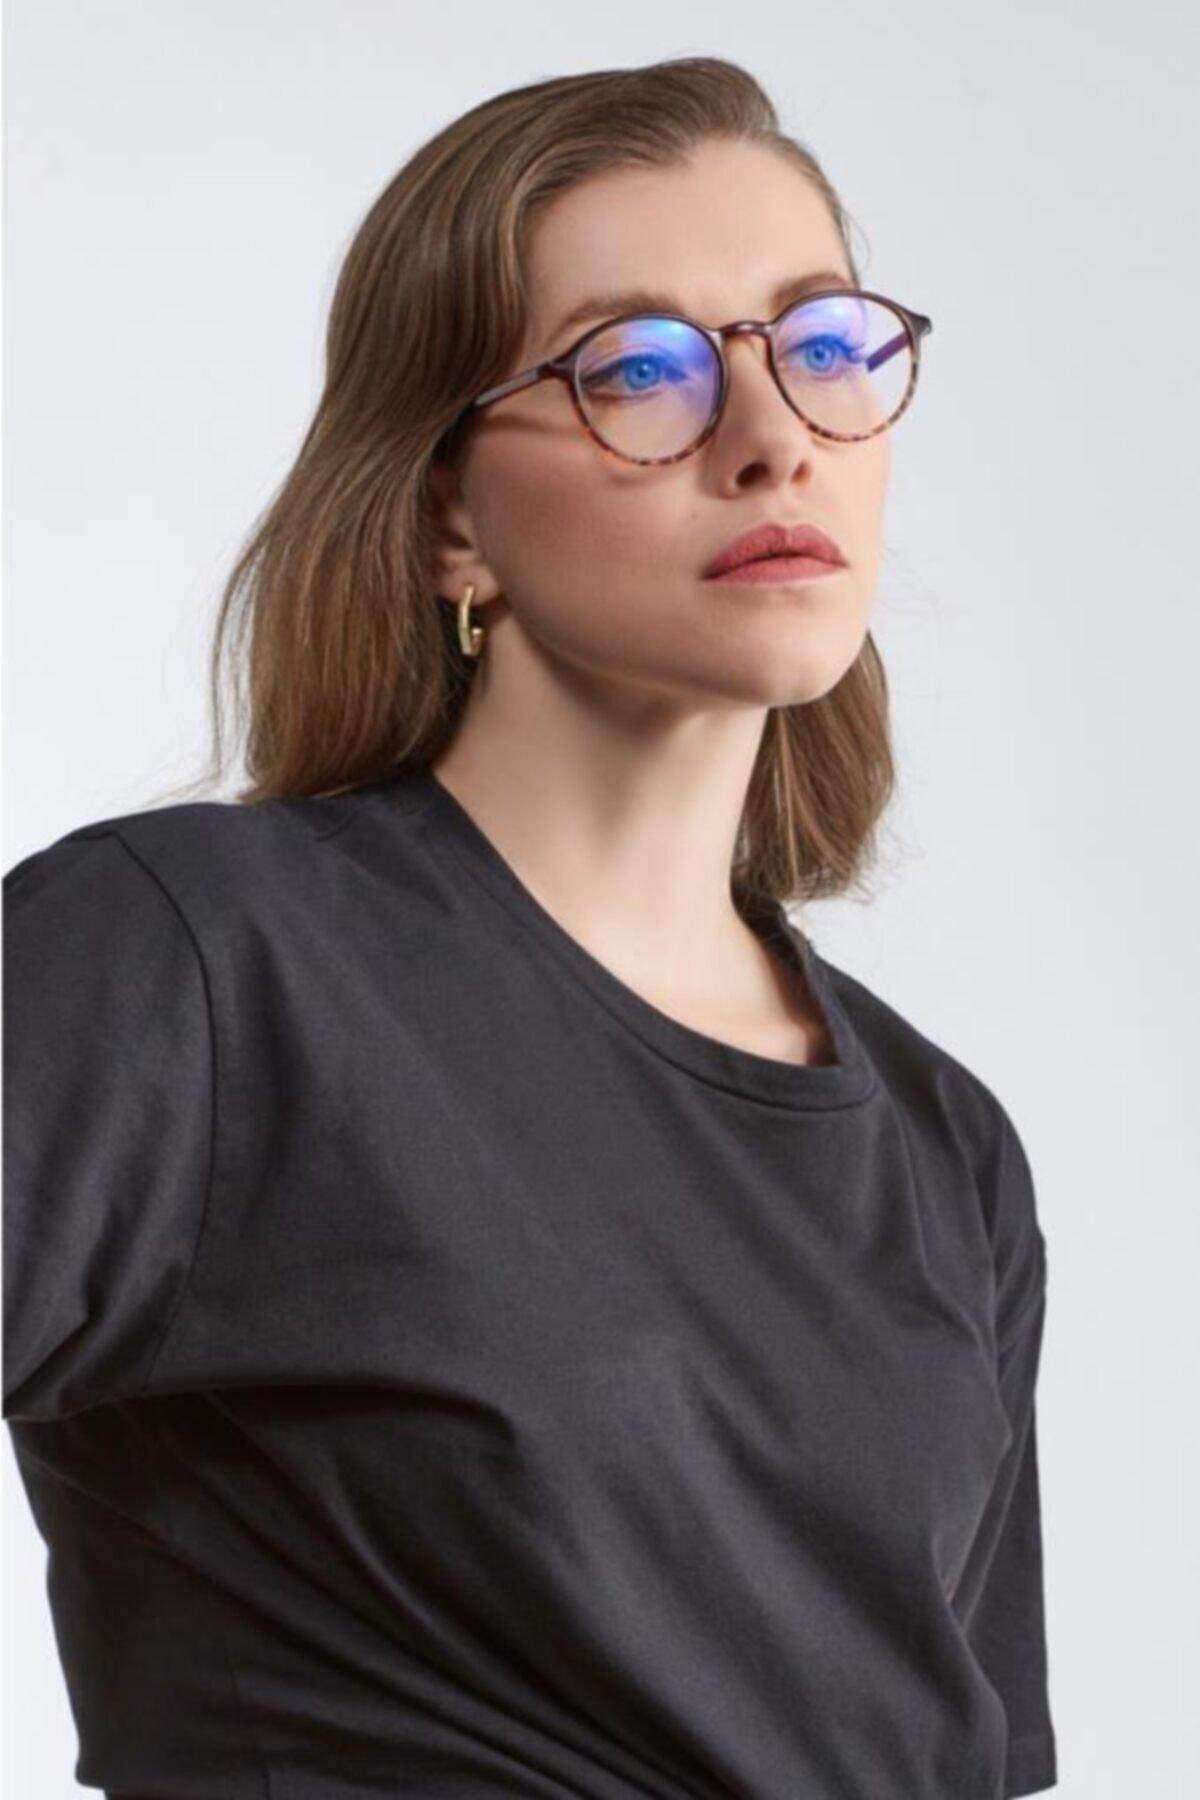 Gabba Mavi Işık Filtreli Koruyucu Ekran Gözlüğü 1